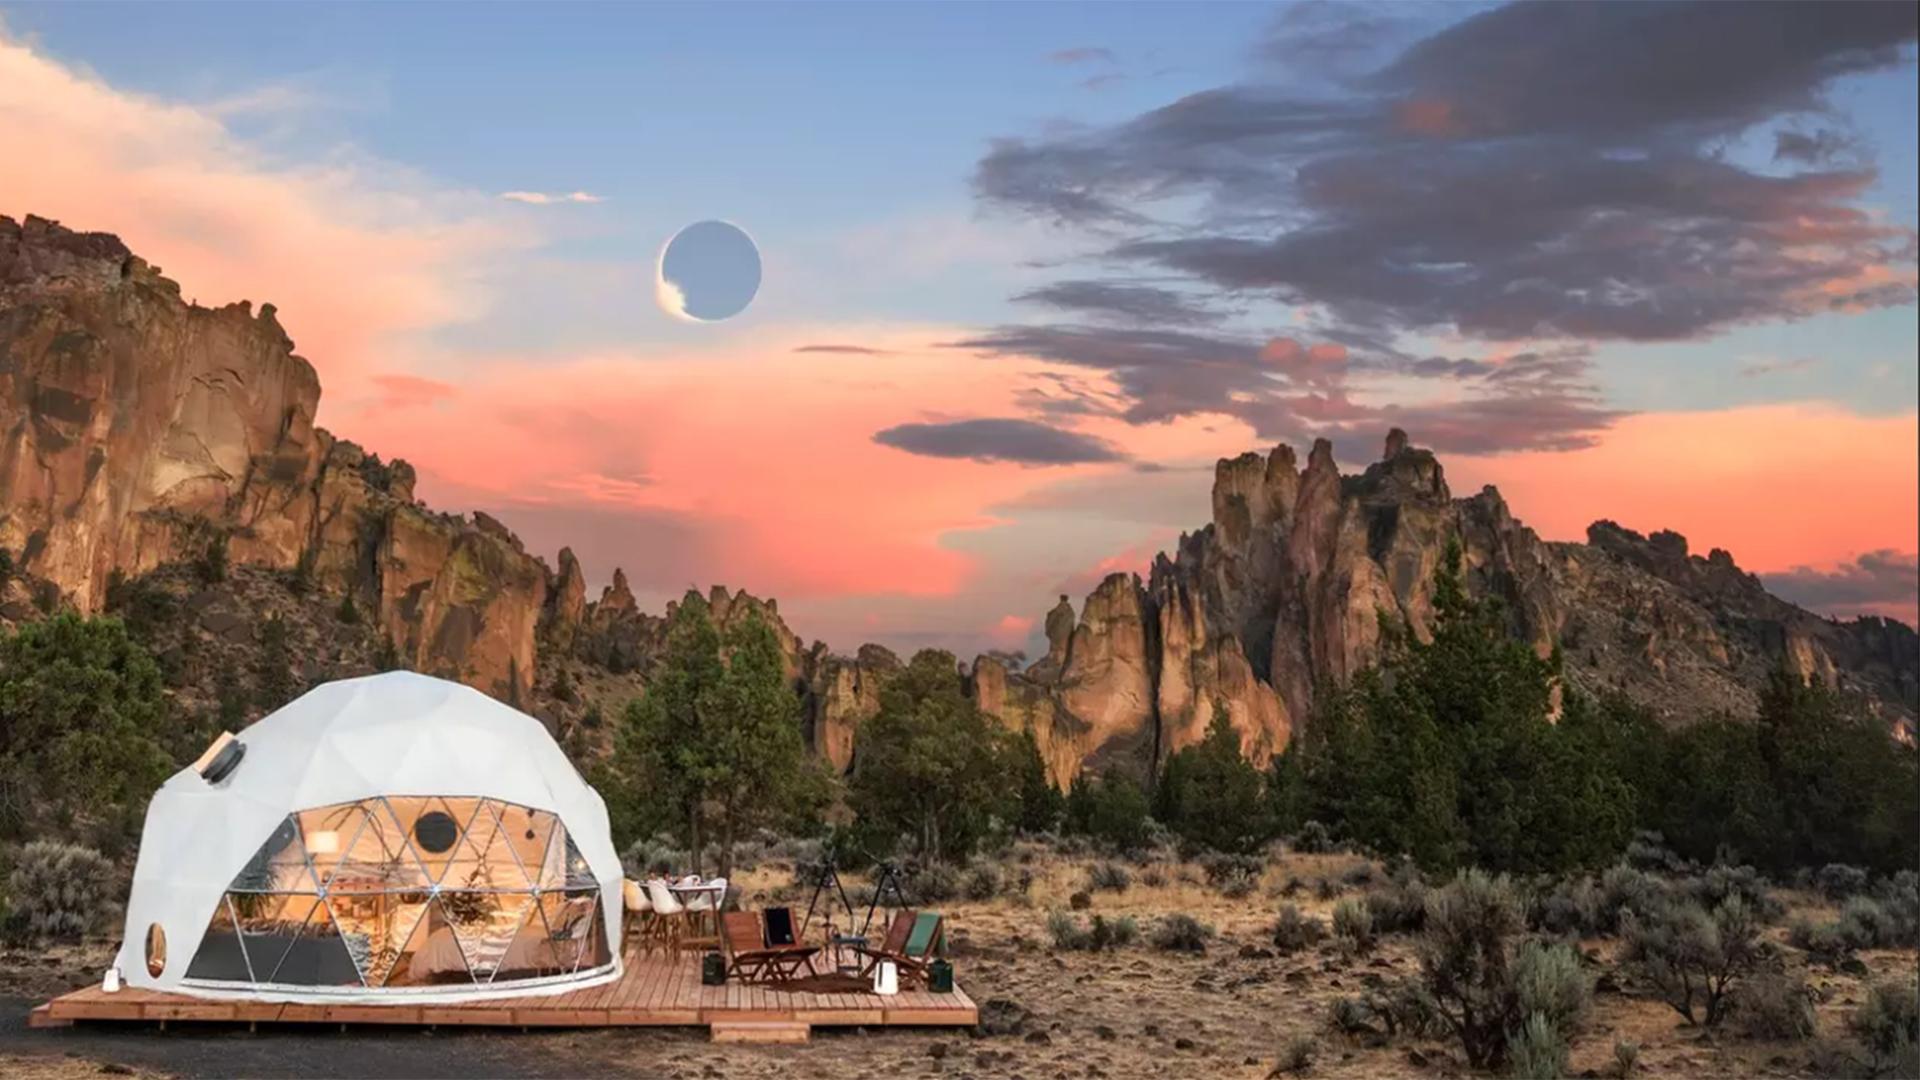 aug 21 solar eclipse 2017 win airbnb 39 s contest in oregon